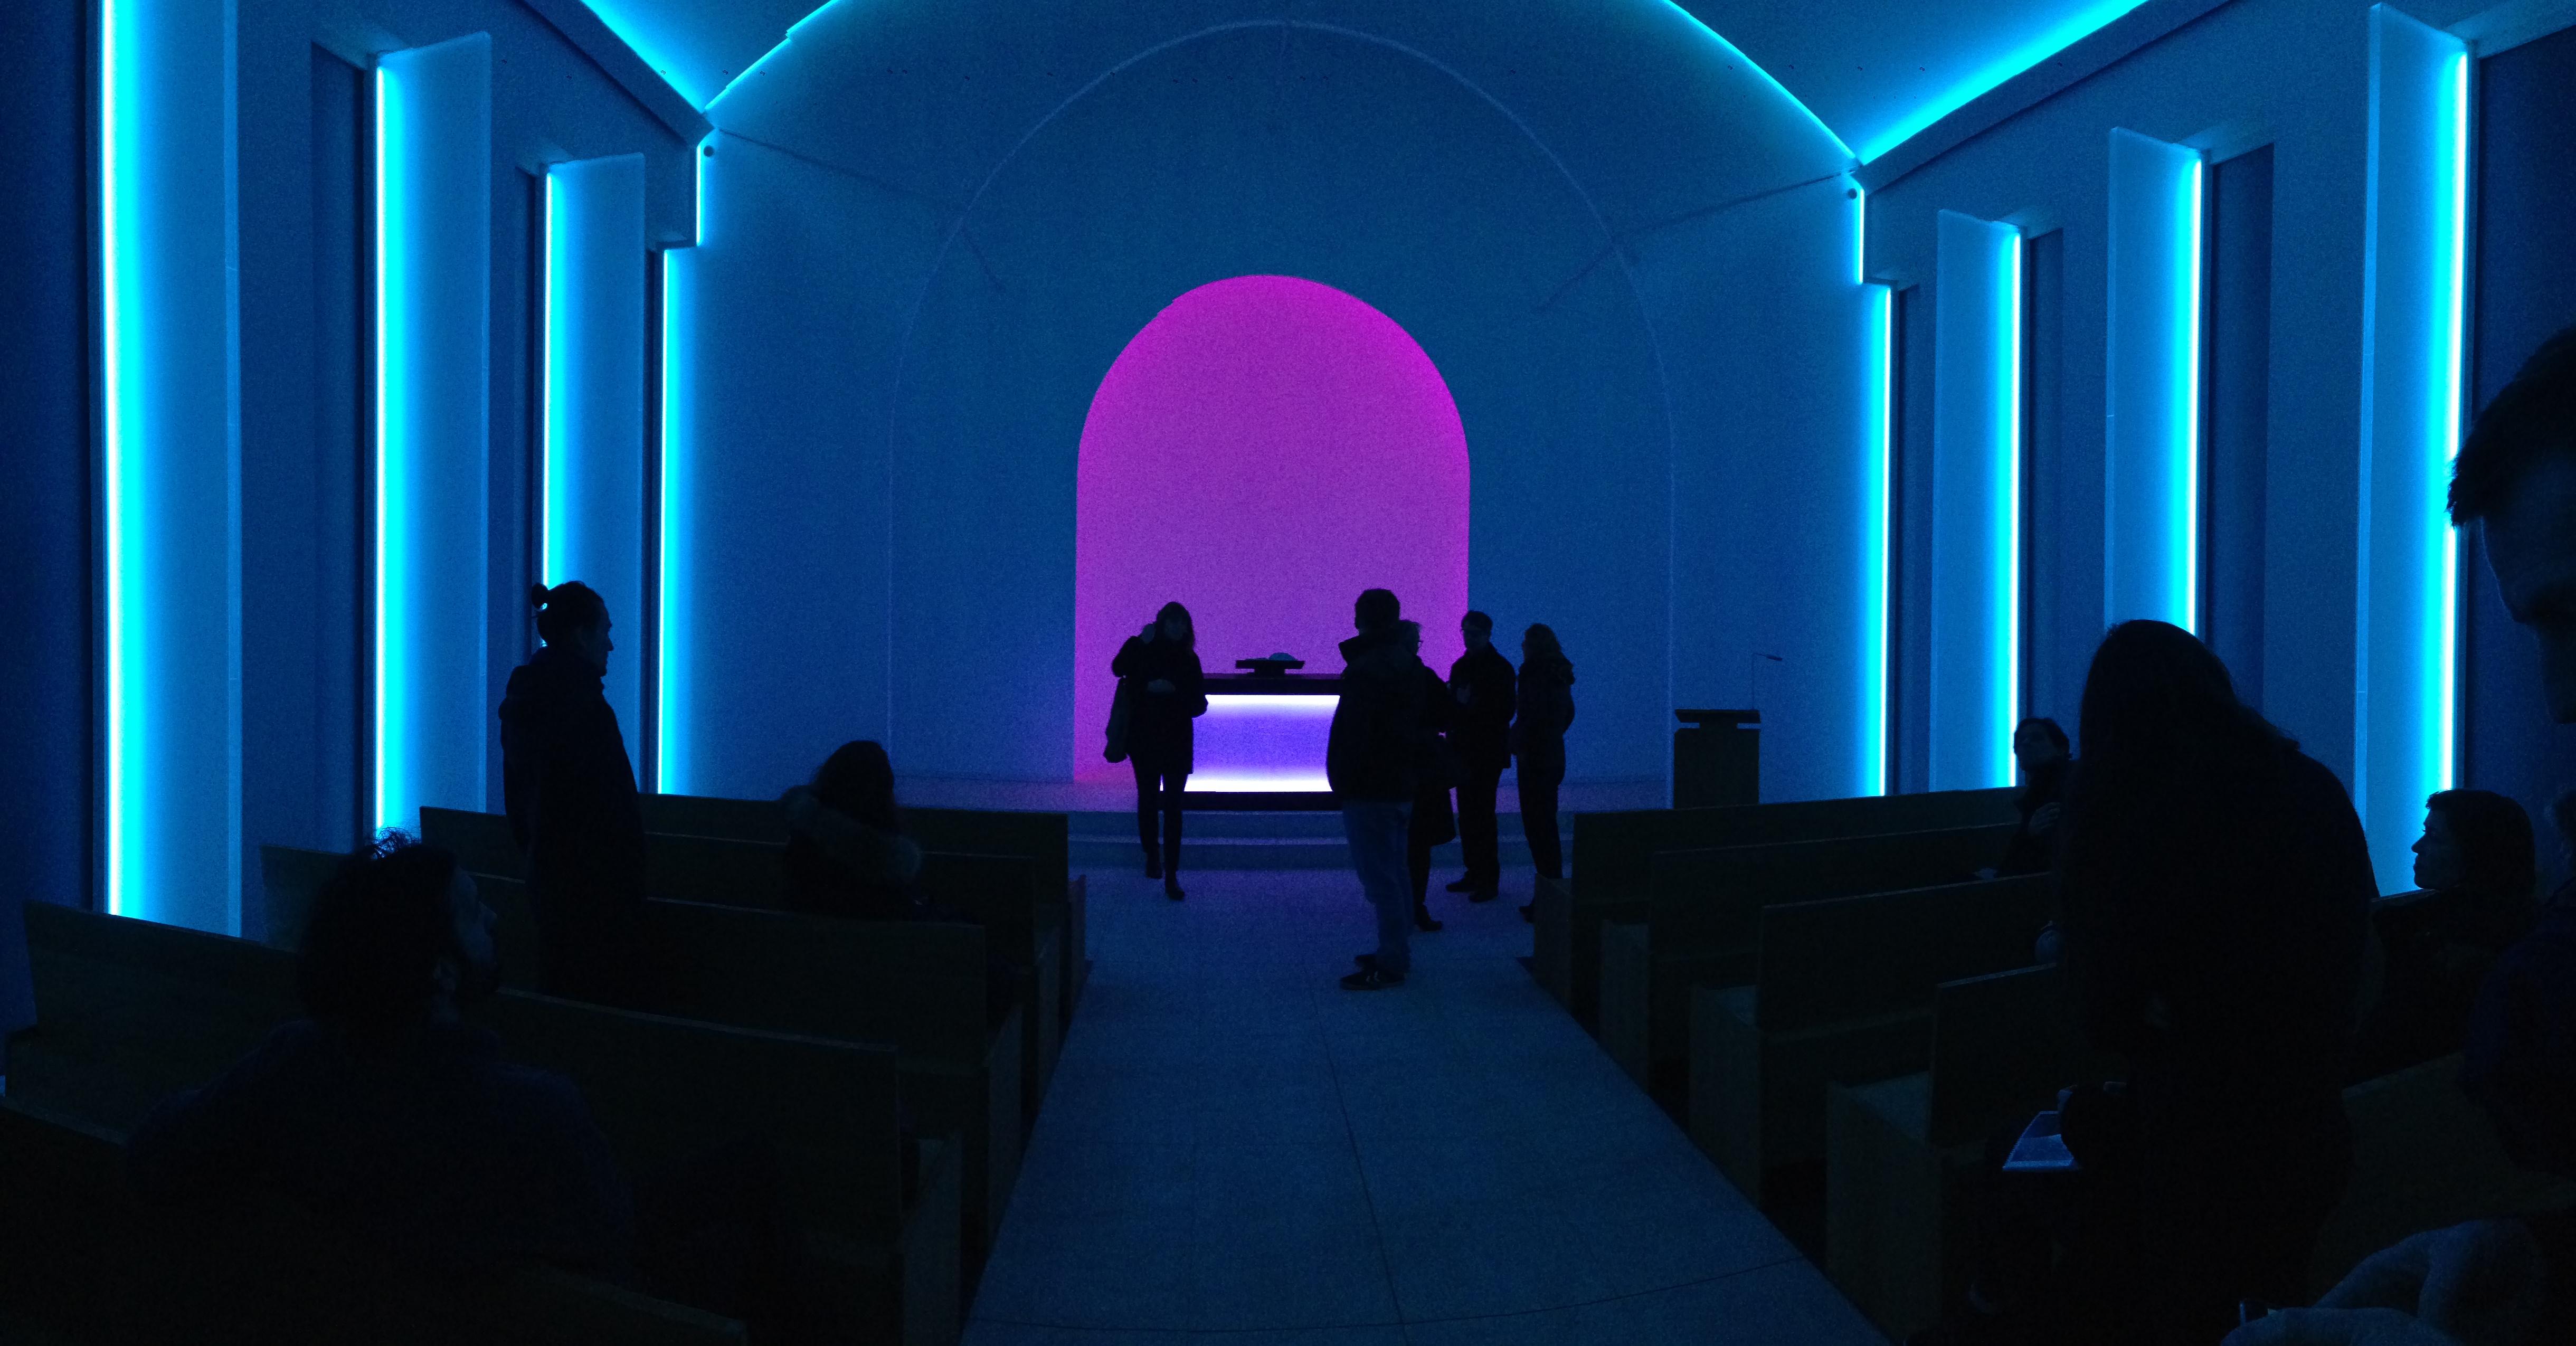 Lichtkunst zum Jahresabschluss | Rüthnick Architekten